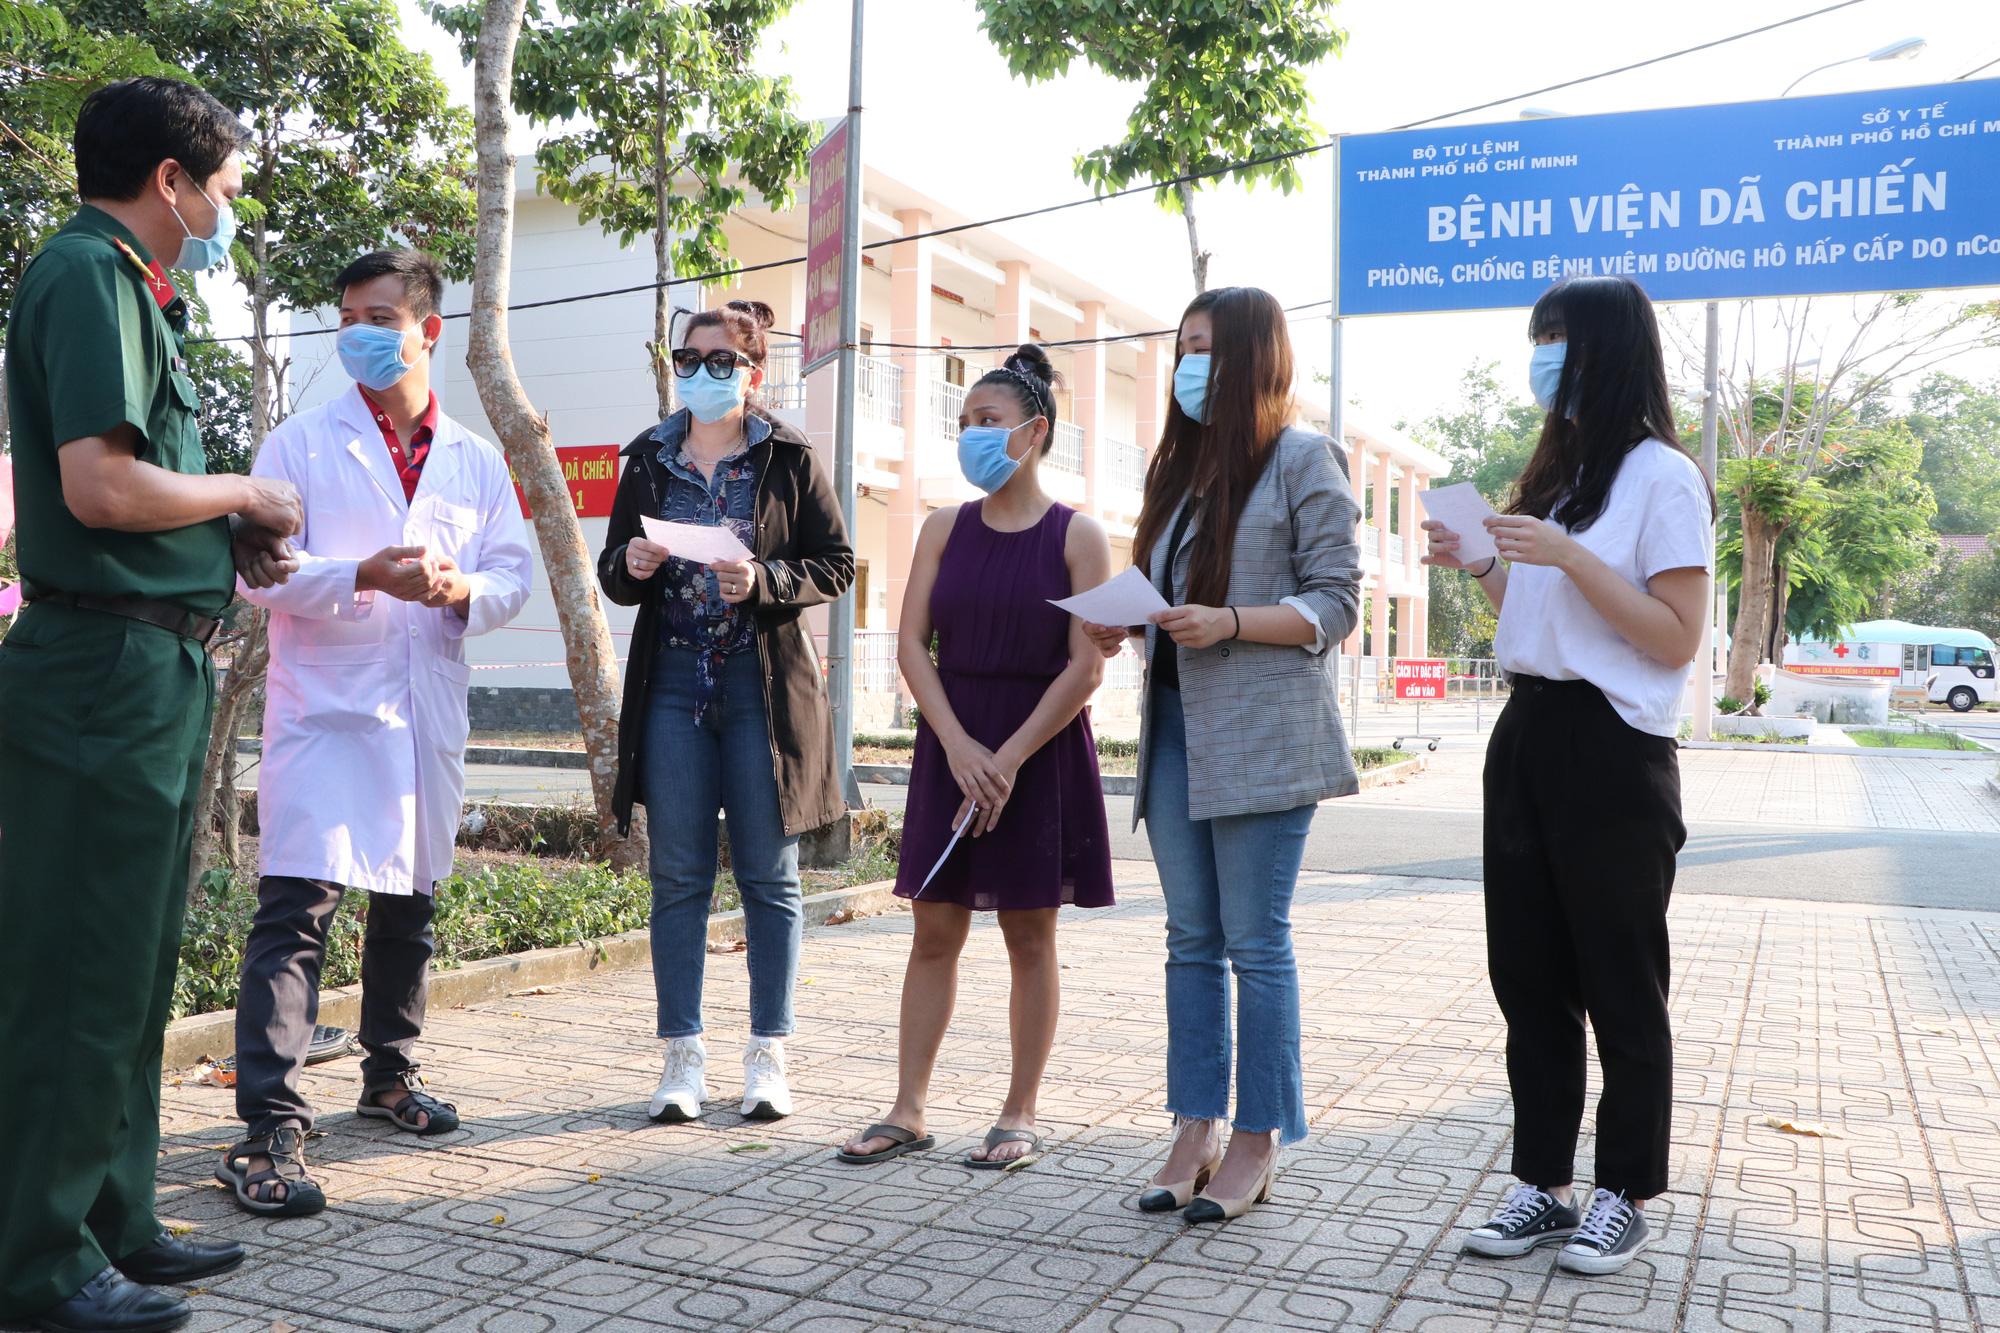 Diễn Biến Mới Nhất Dịch Bệnh Covid 19 Tại Tp Hcm Bao Người Lao động